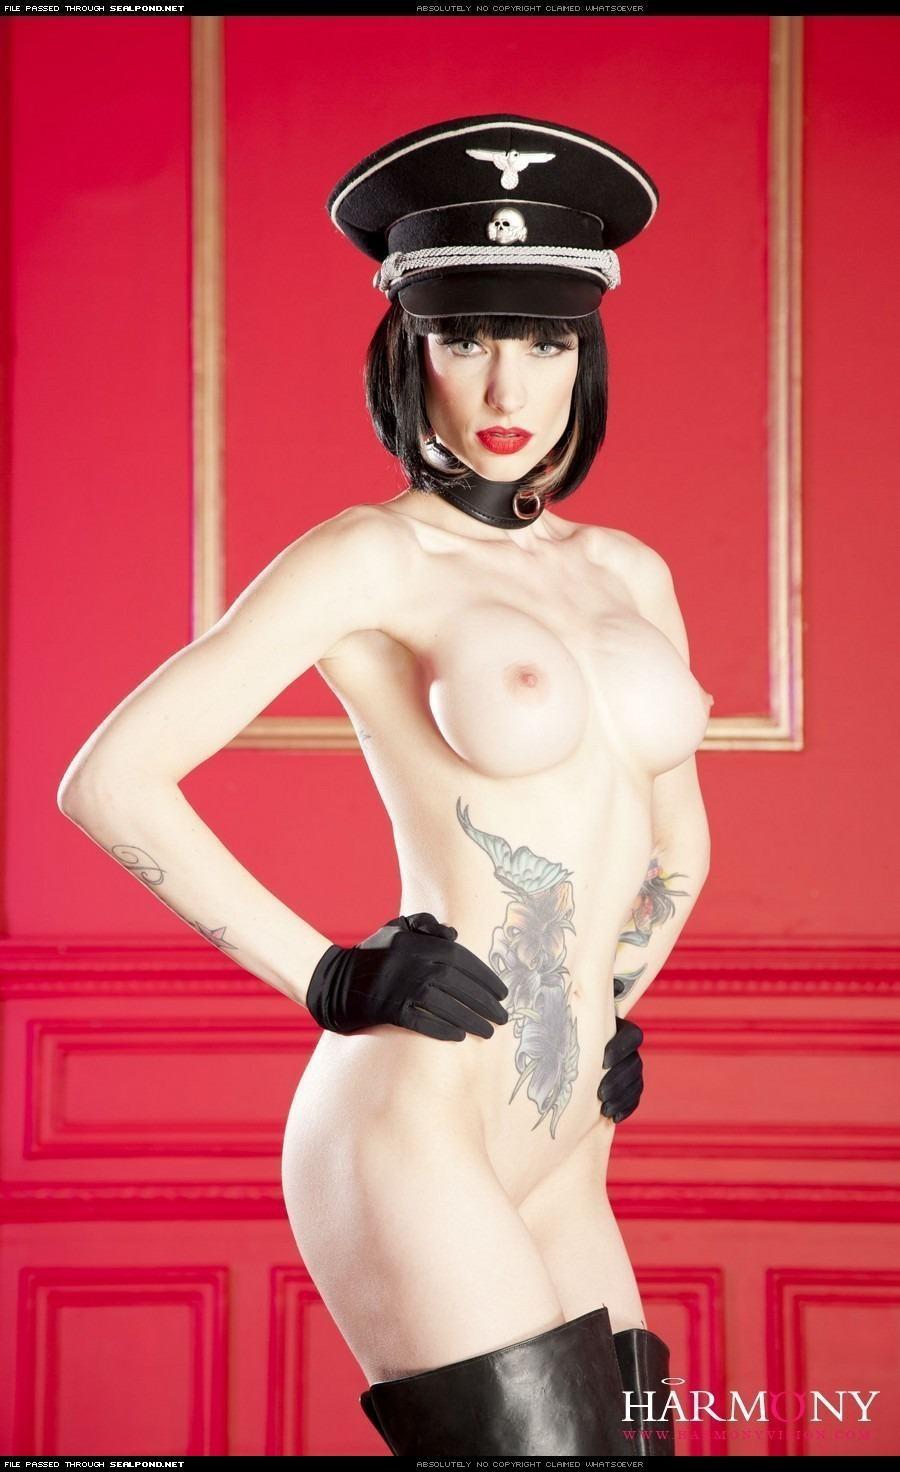 Eva-maren besserer nude